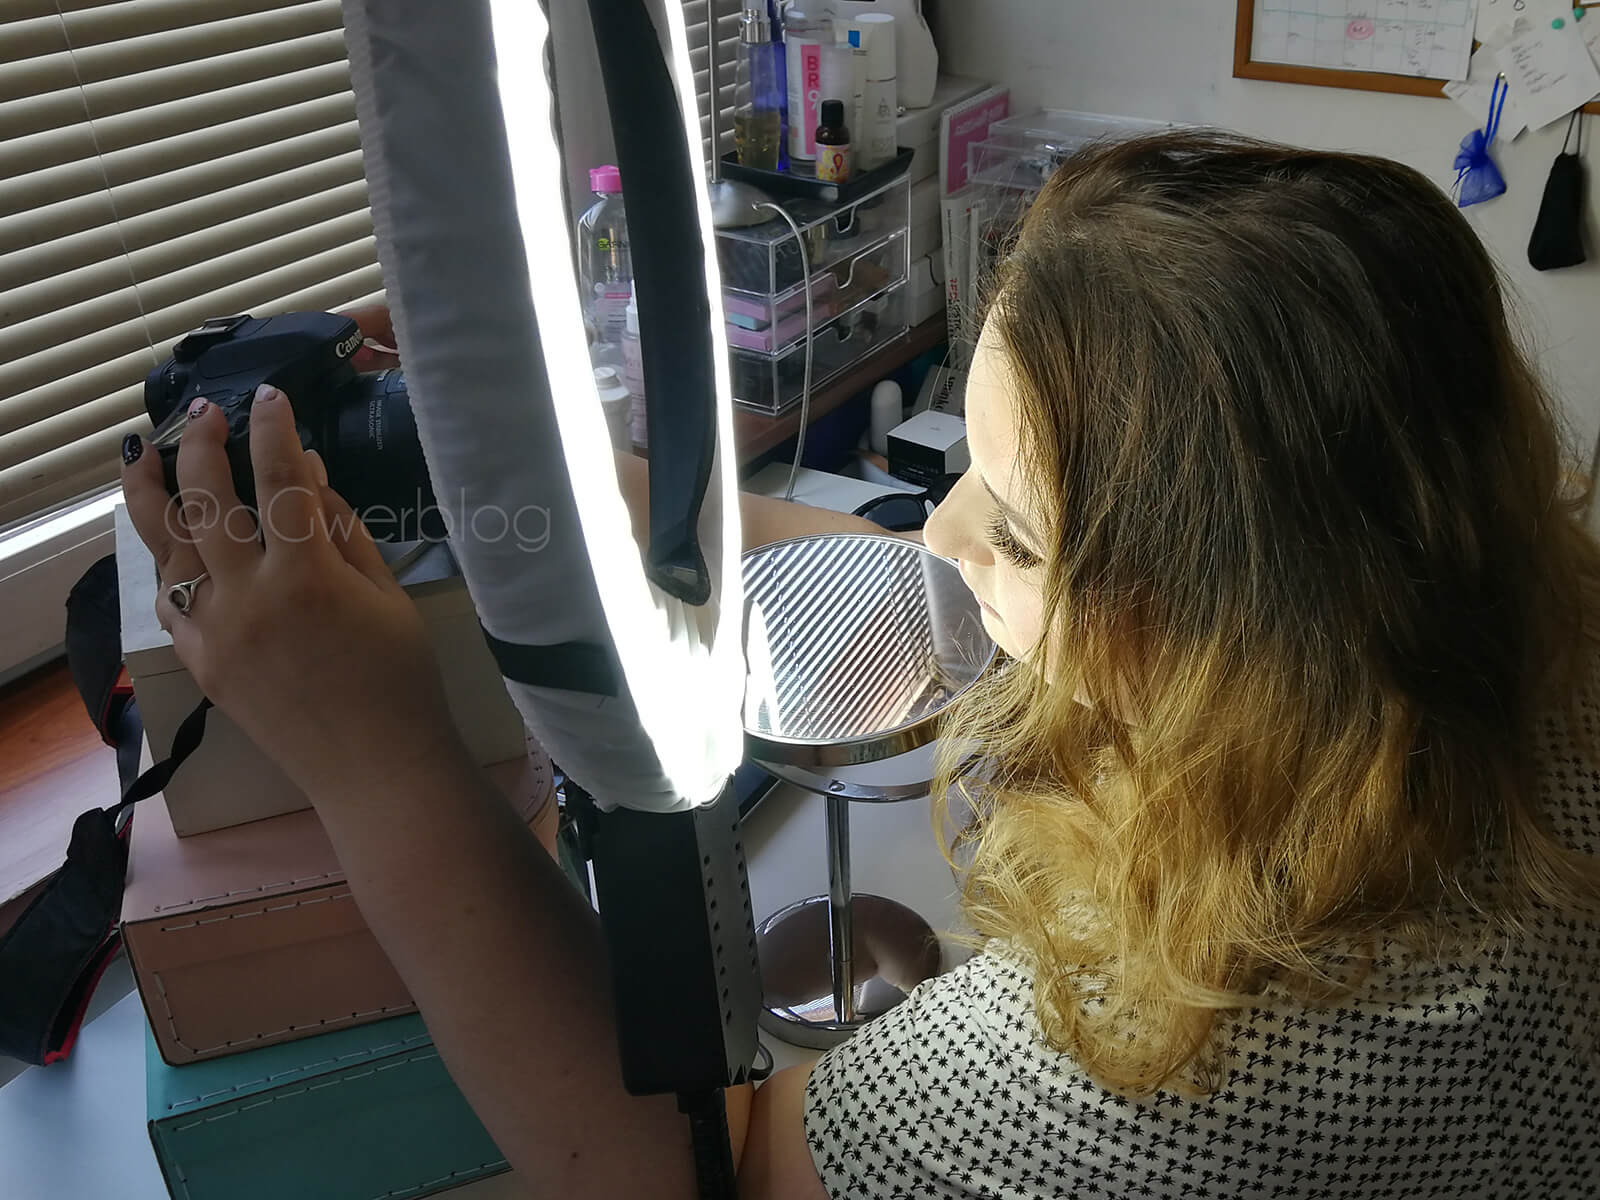 jak zrobić zdjęcie makijażu oka telefonem